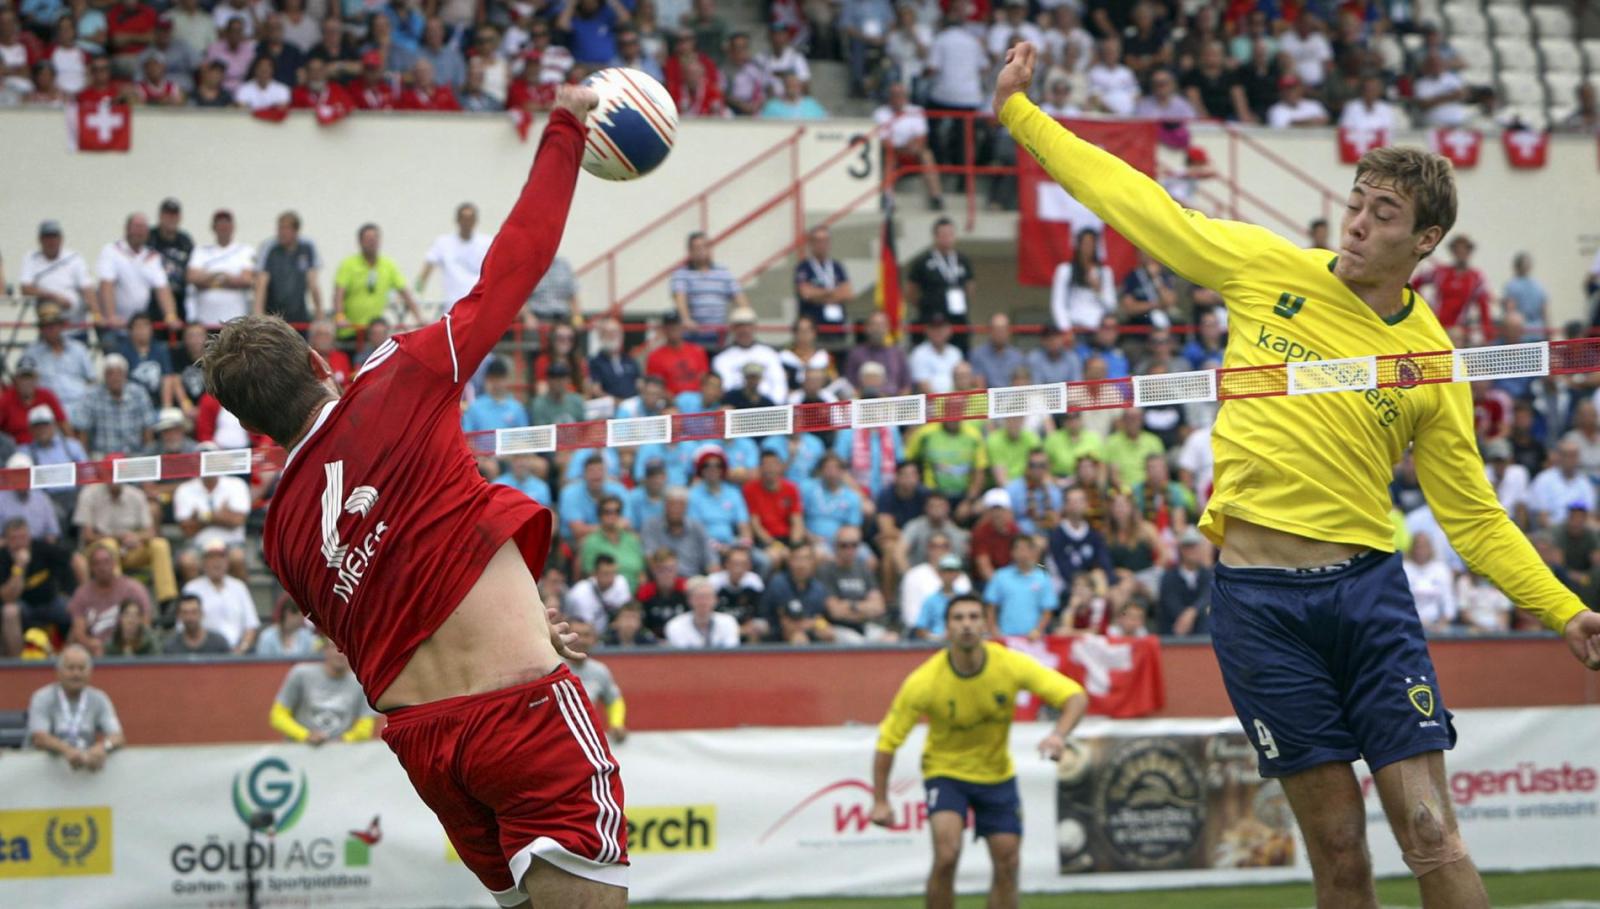 Pertandingan fistball internasional antara swiss dan Brazil tahun 2019. (Foto: ifa-fistball.tv )